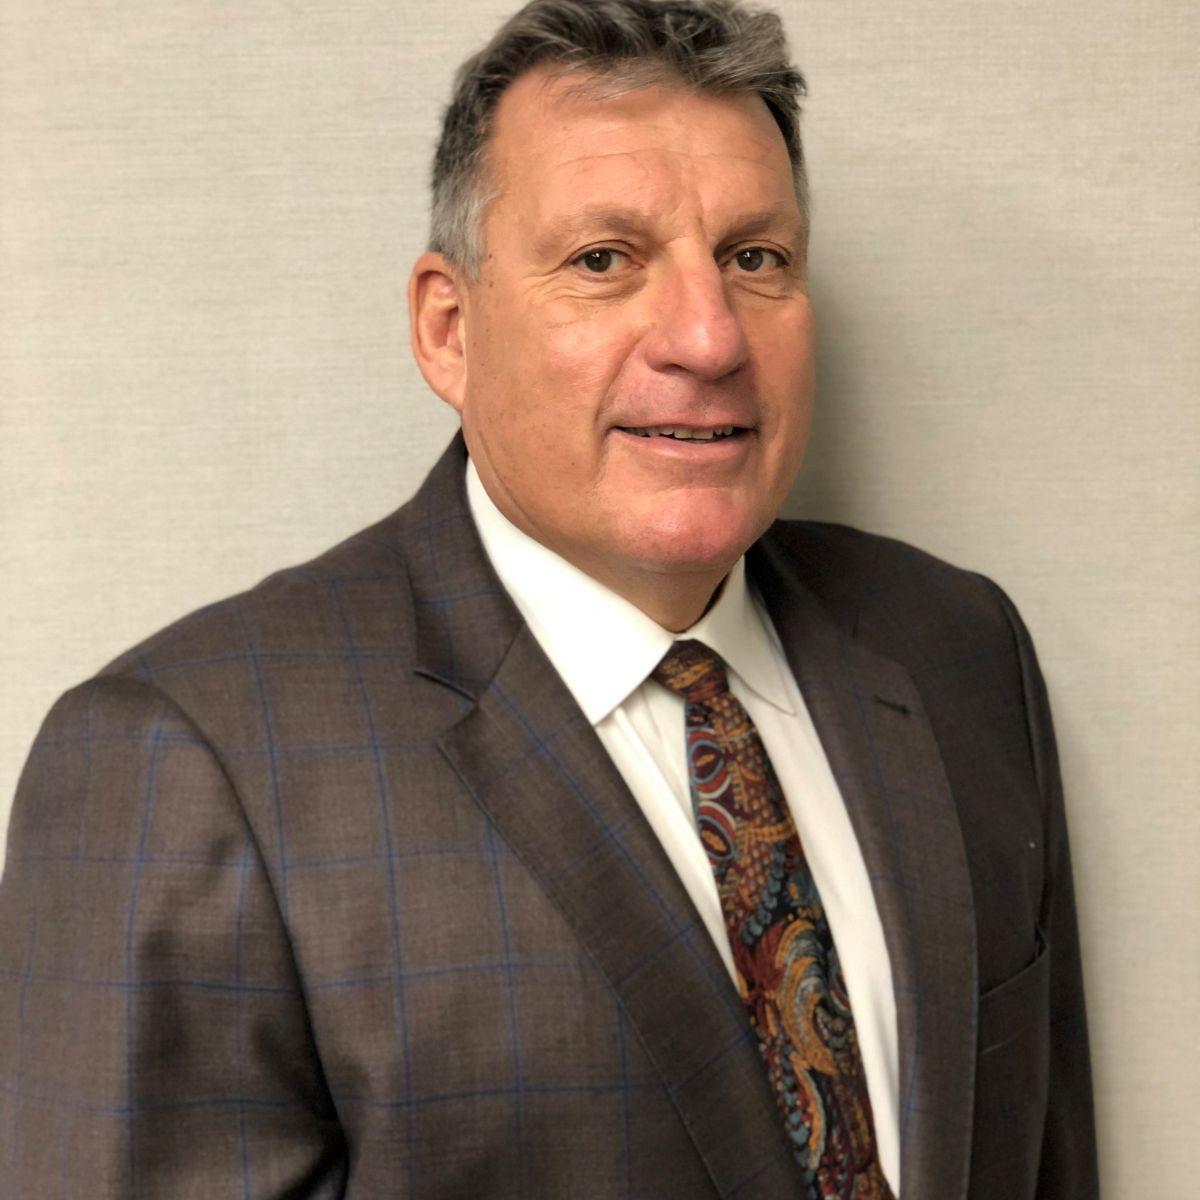 Michael Macco